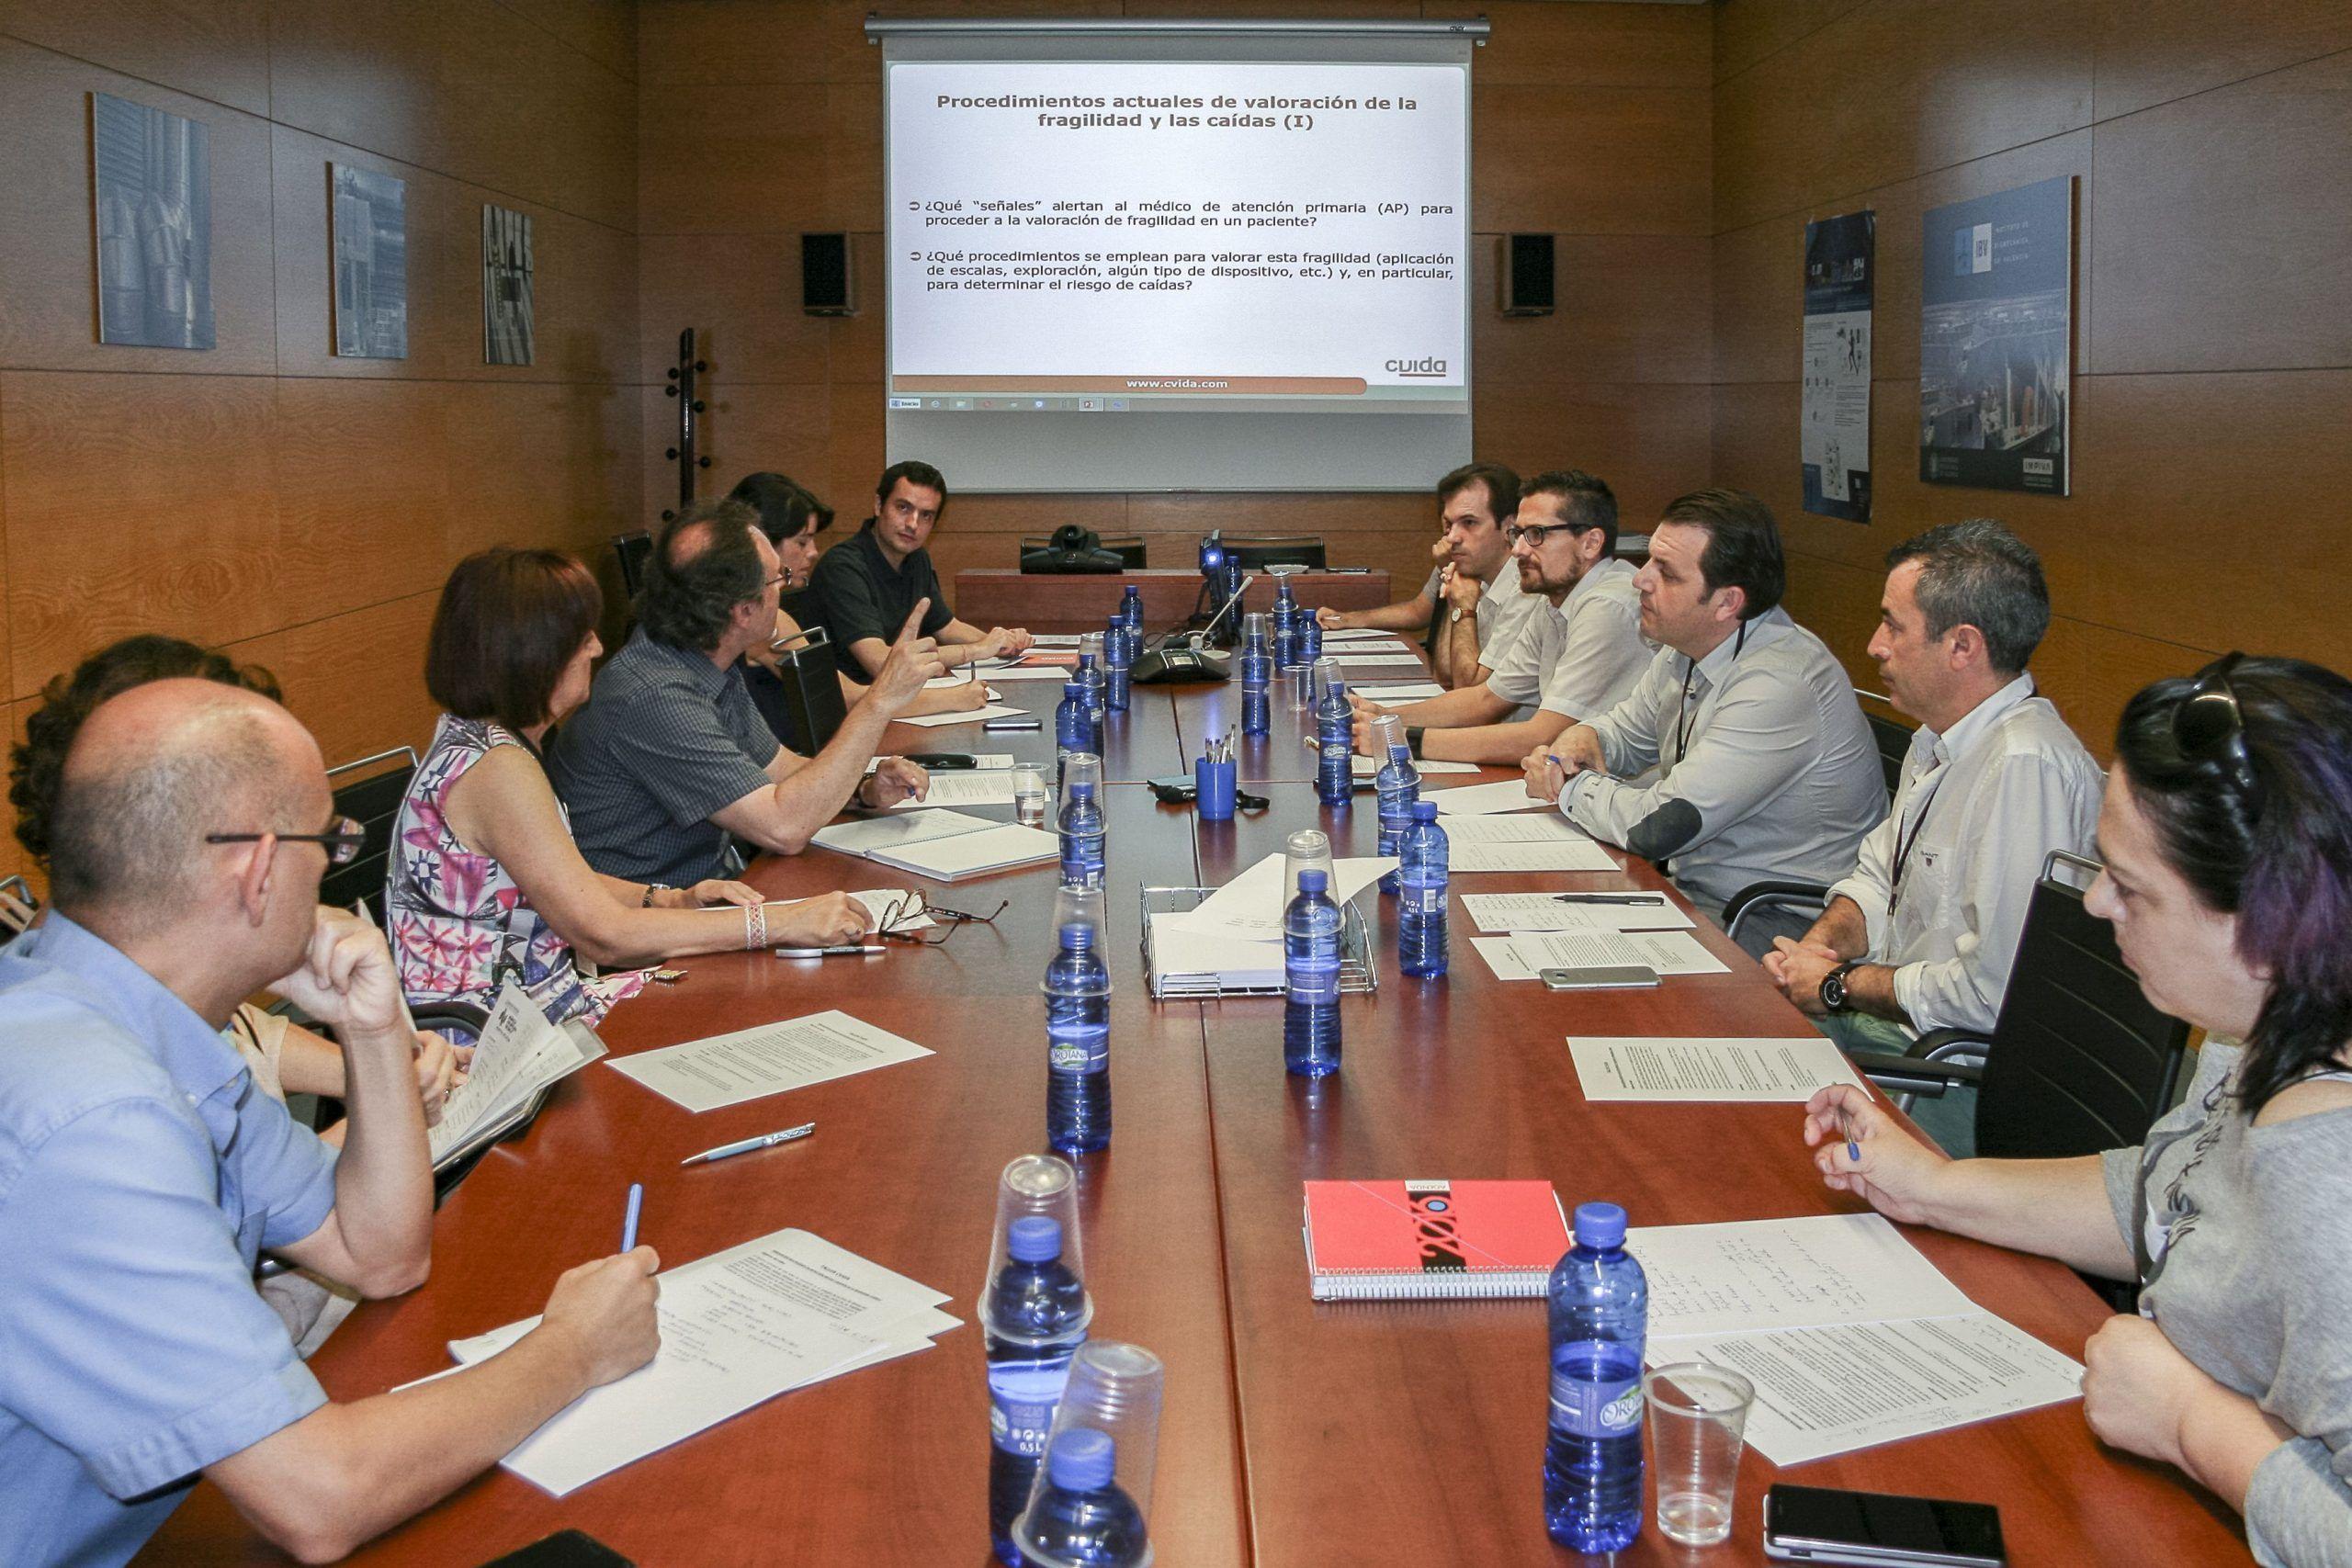 Encuentro de expertos promovido por CVIDA para la detección precoz y gestión de la fragilidad